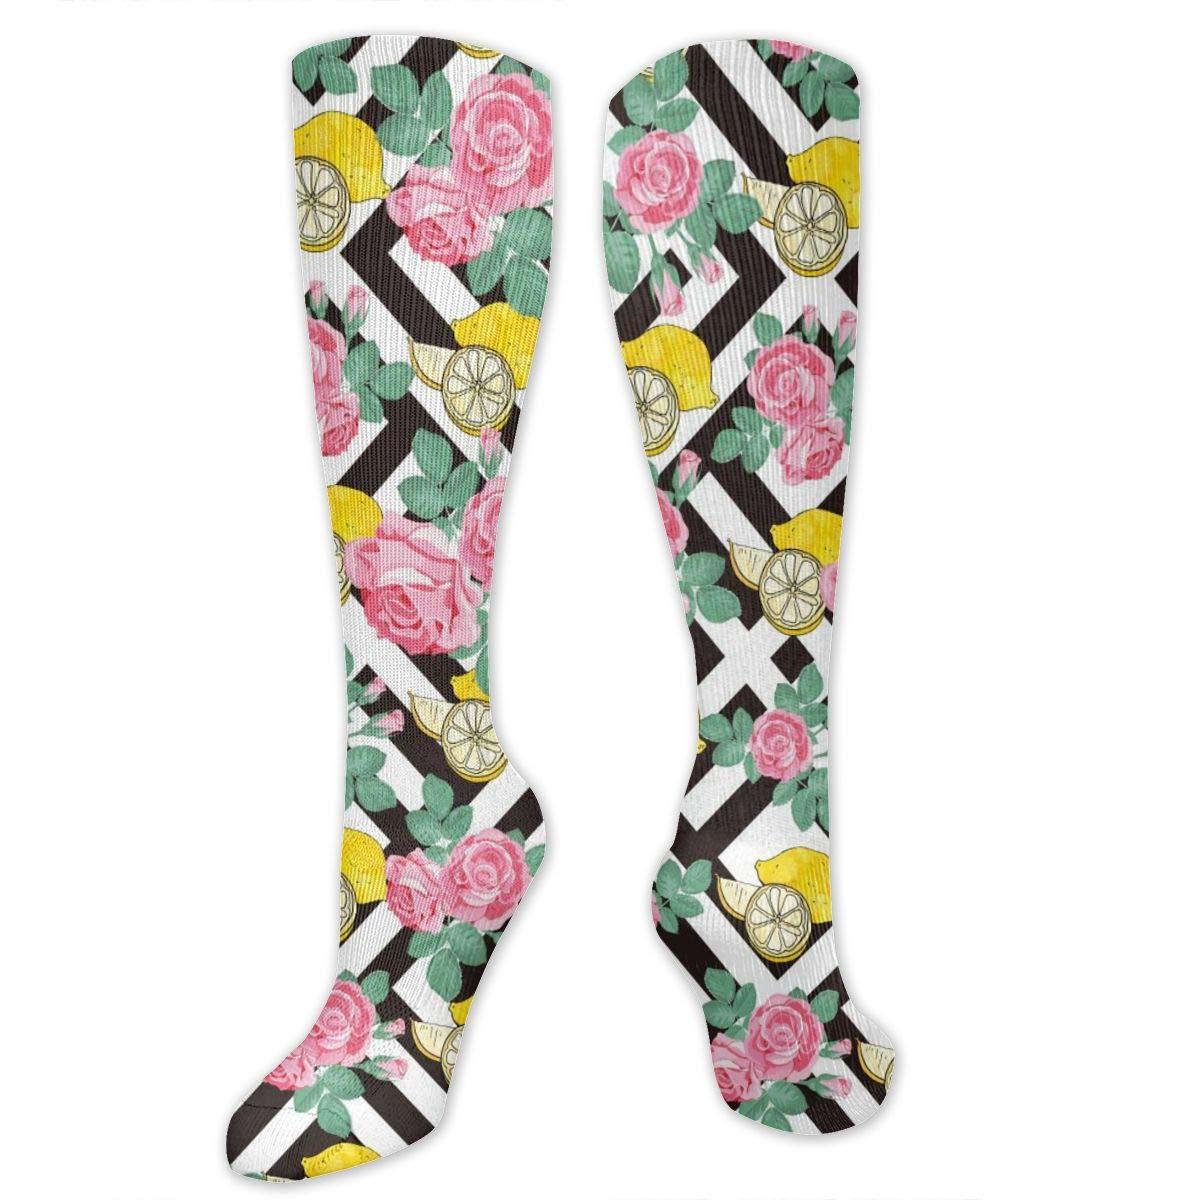 Personalized Lemon Slice Socks Long Knee High Boot Socks